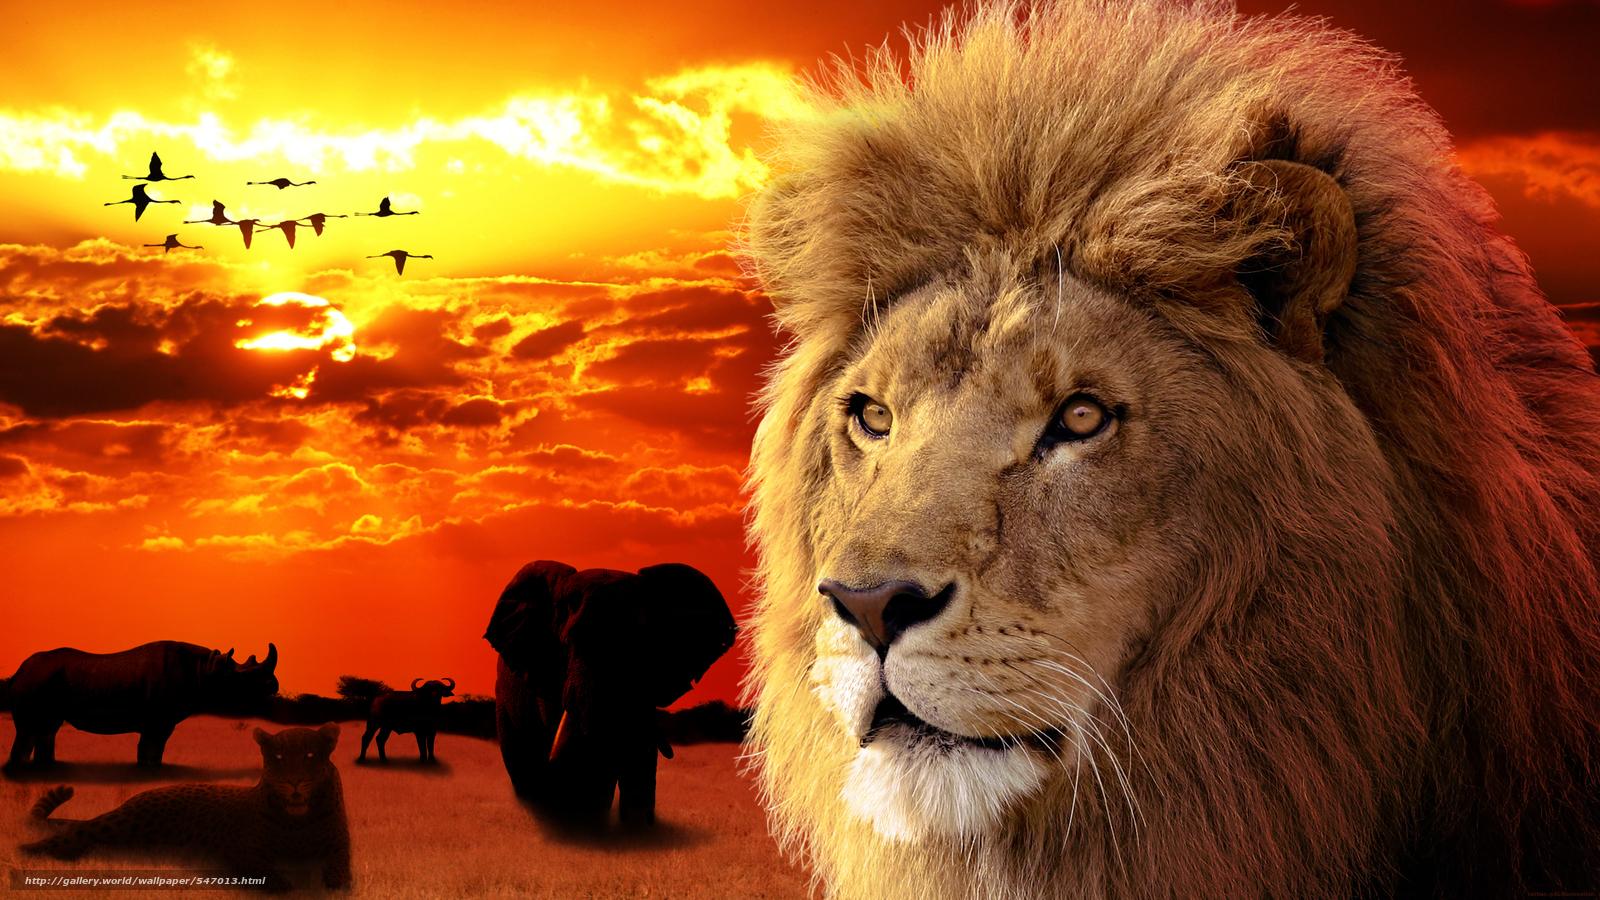 Скачать обои лев животное зверь